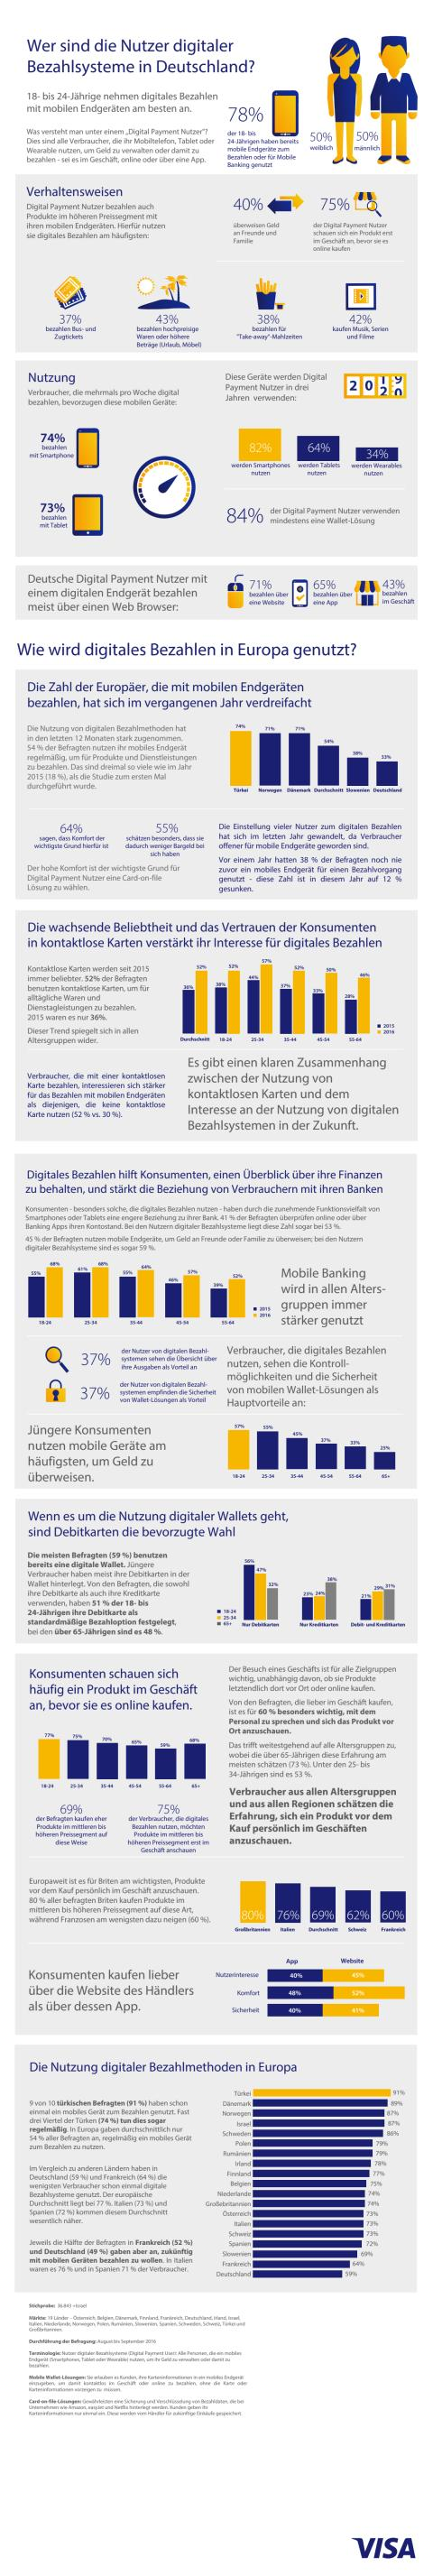 Factsheet: Digital-Payment-Studie von Visa: Digitales Bezahlen immer beliebter